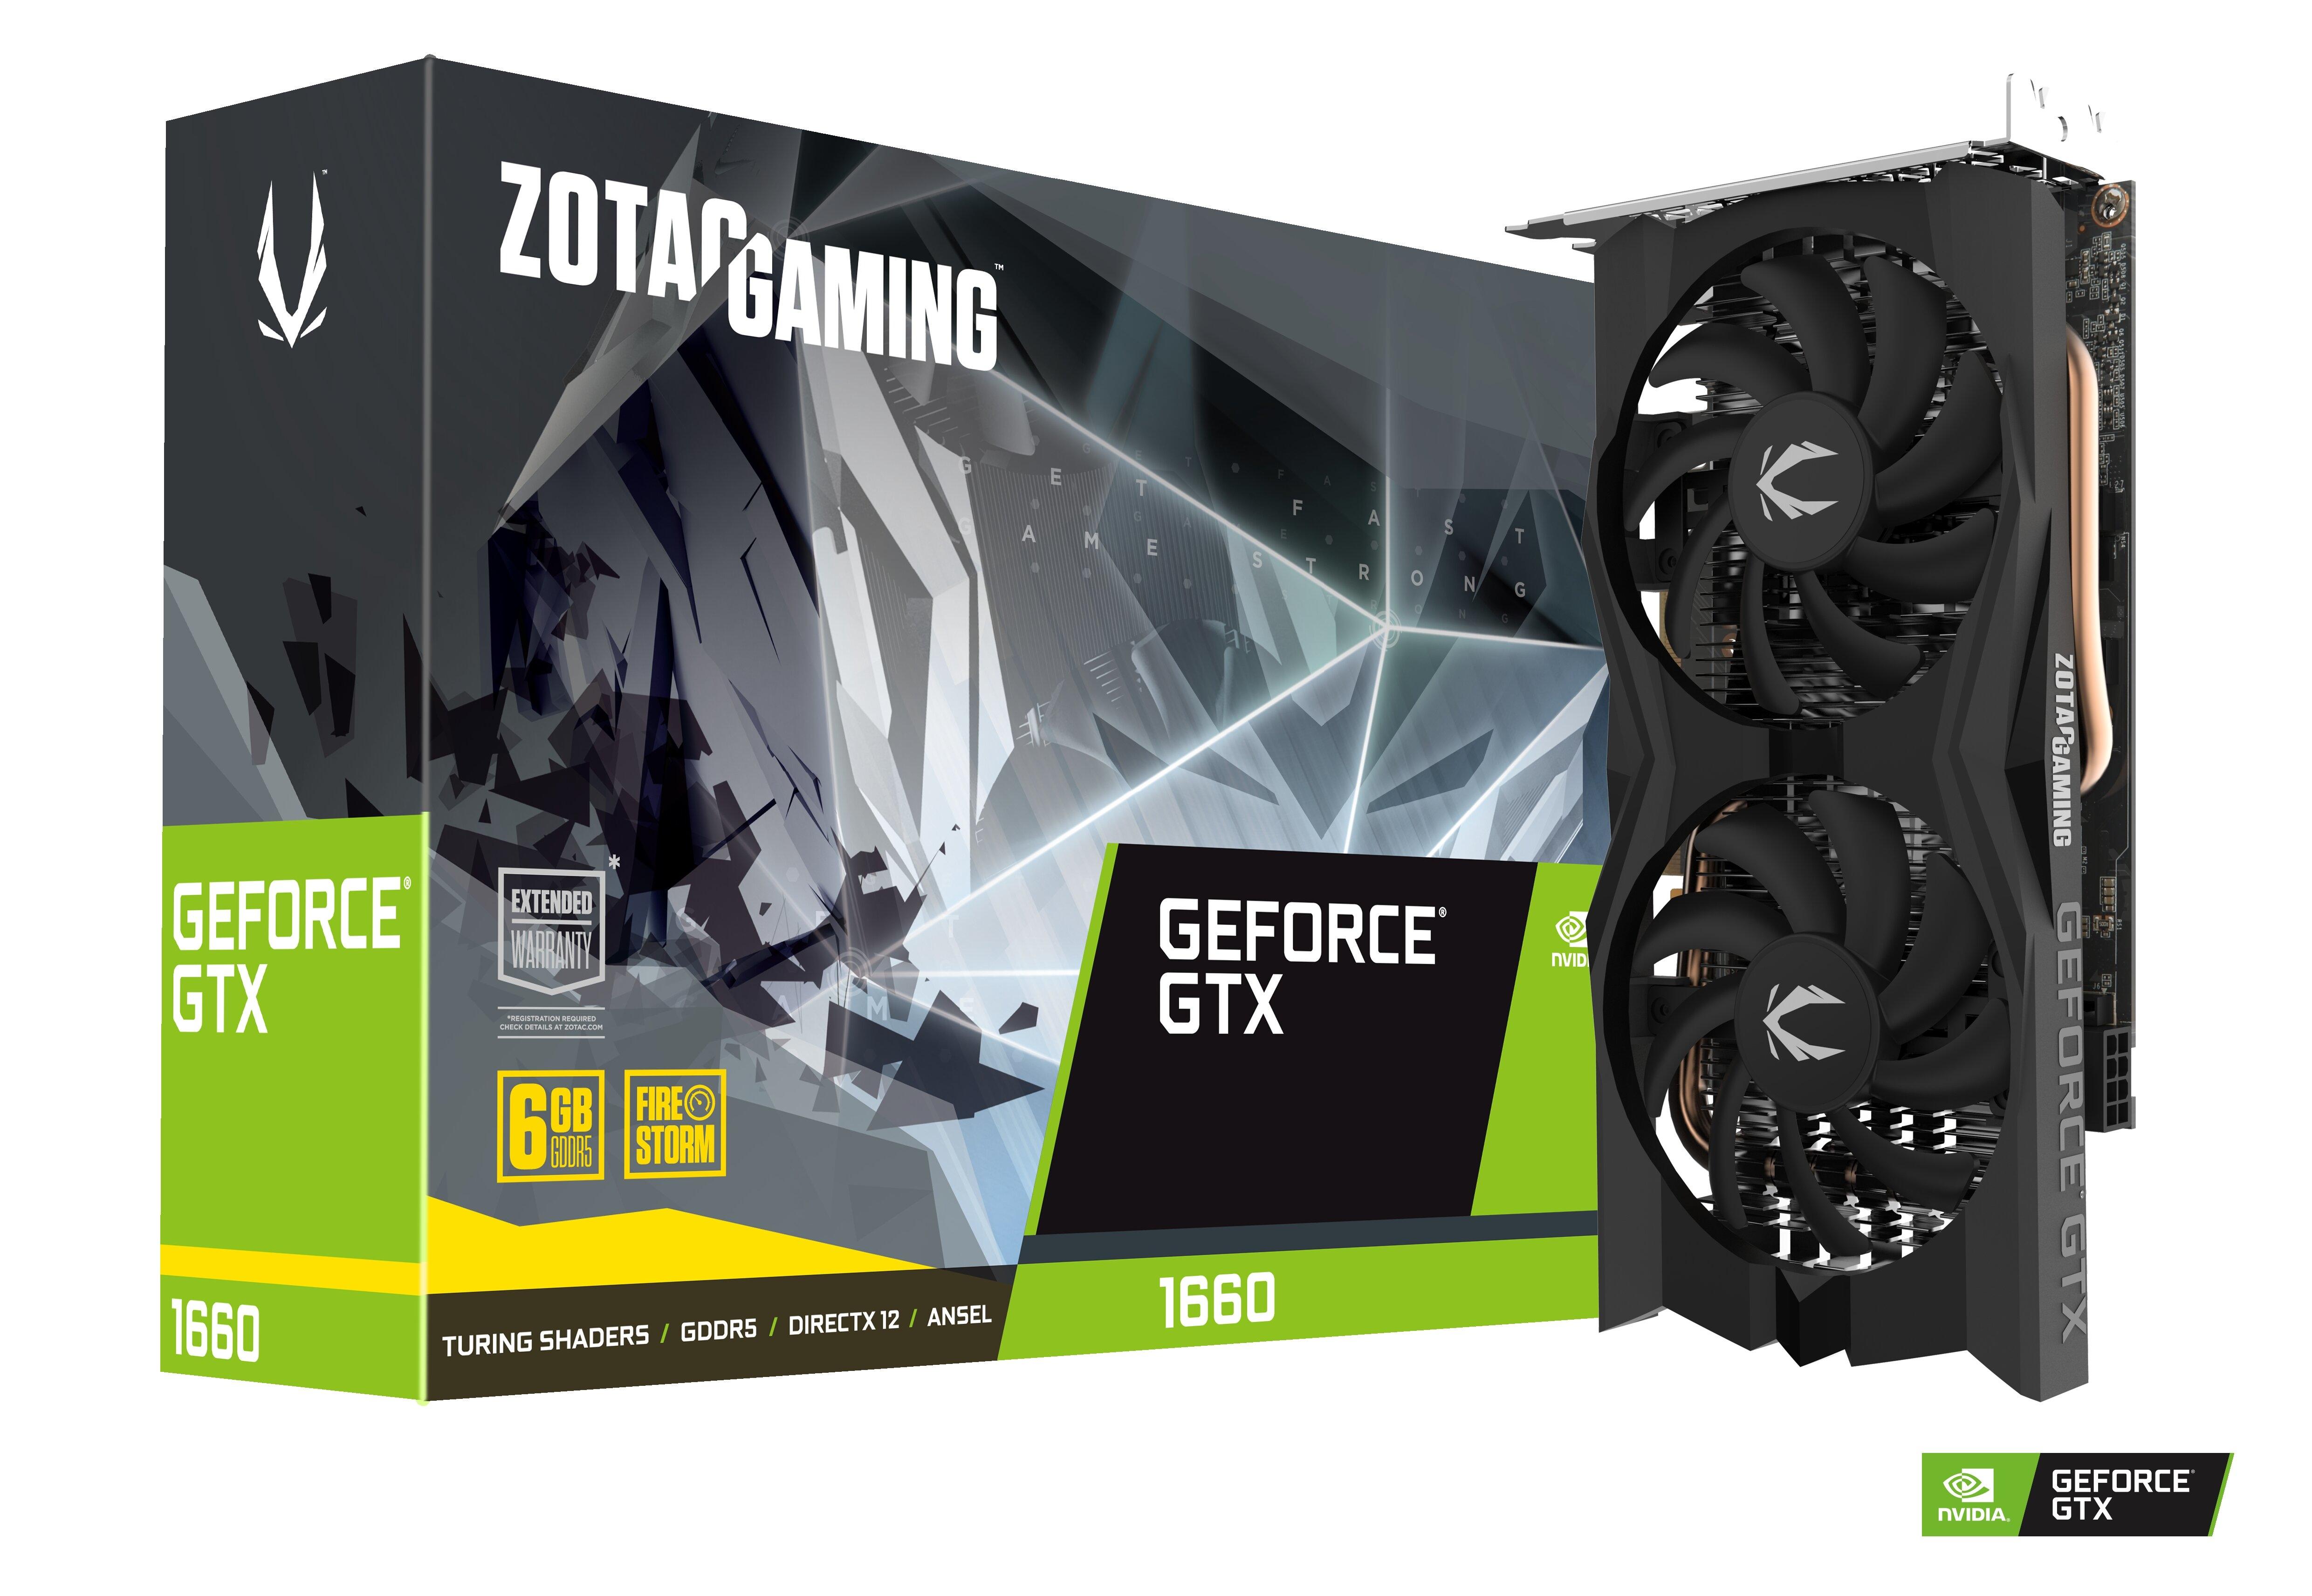 Zotac Gaming Geforce Gtx 1660 Twin Fan Zotac